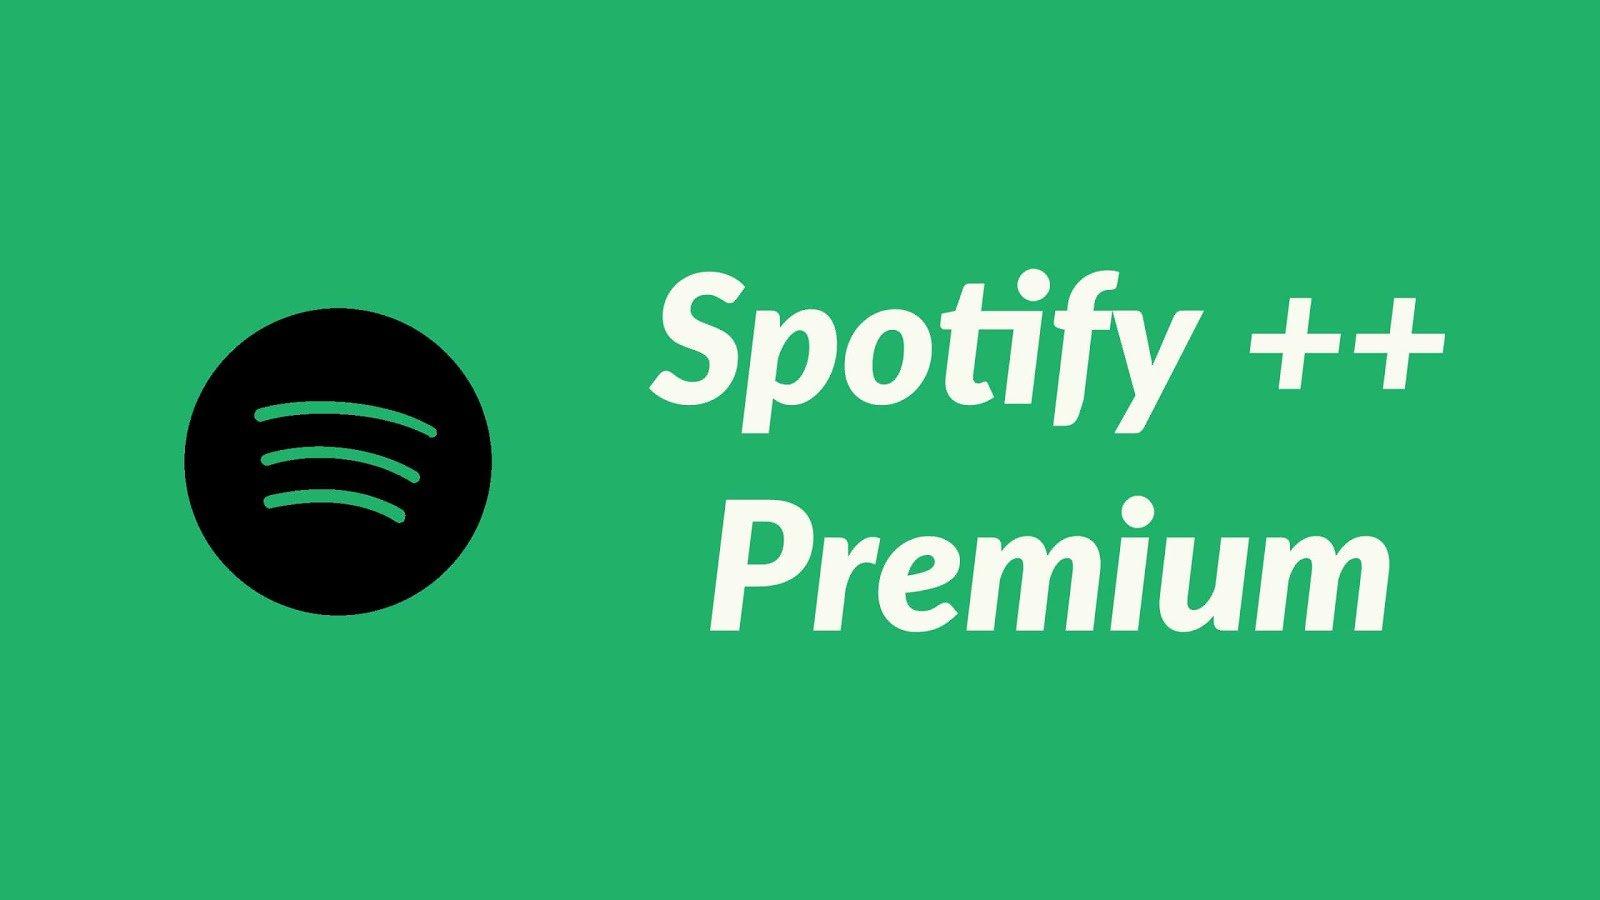 Spotify Premium - rocketr.net